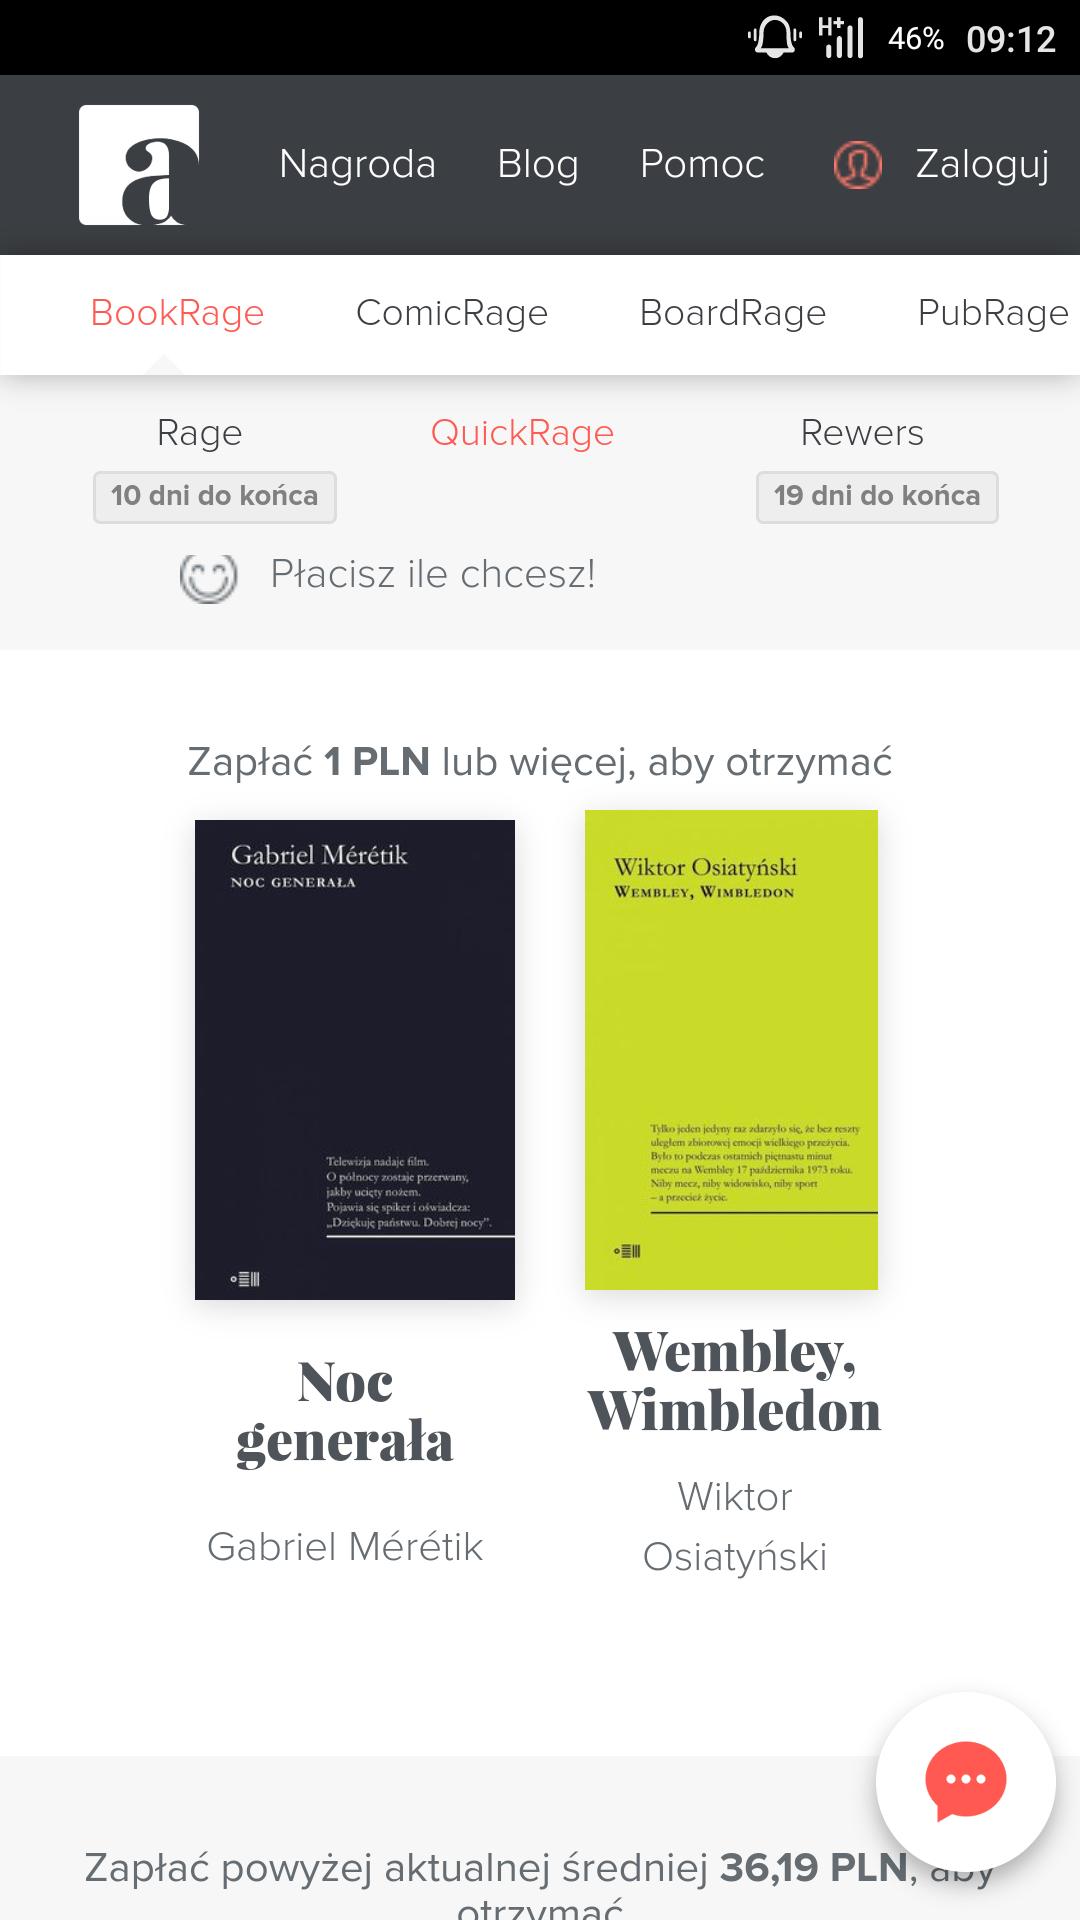 Kolejny pakiet ebook'ów od BookRage - Faktyczny Dom Kultury.